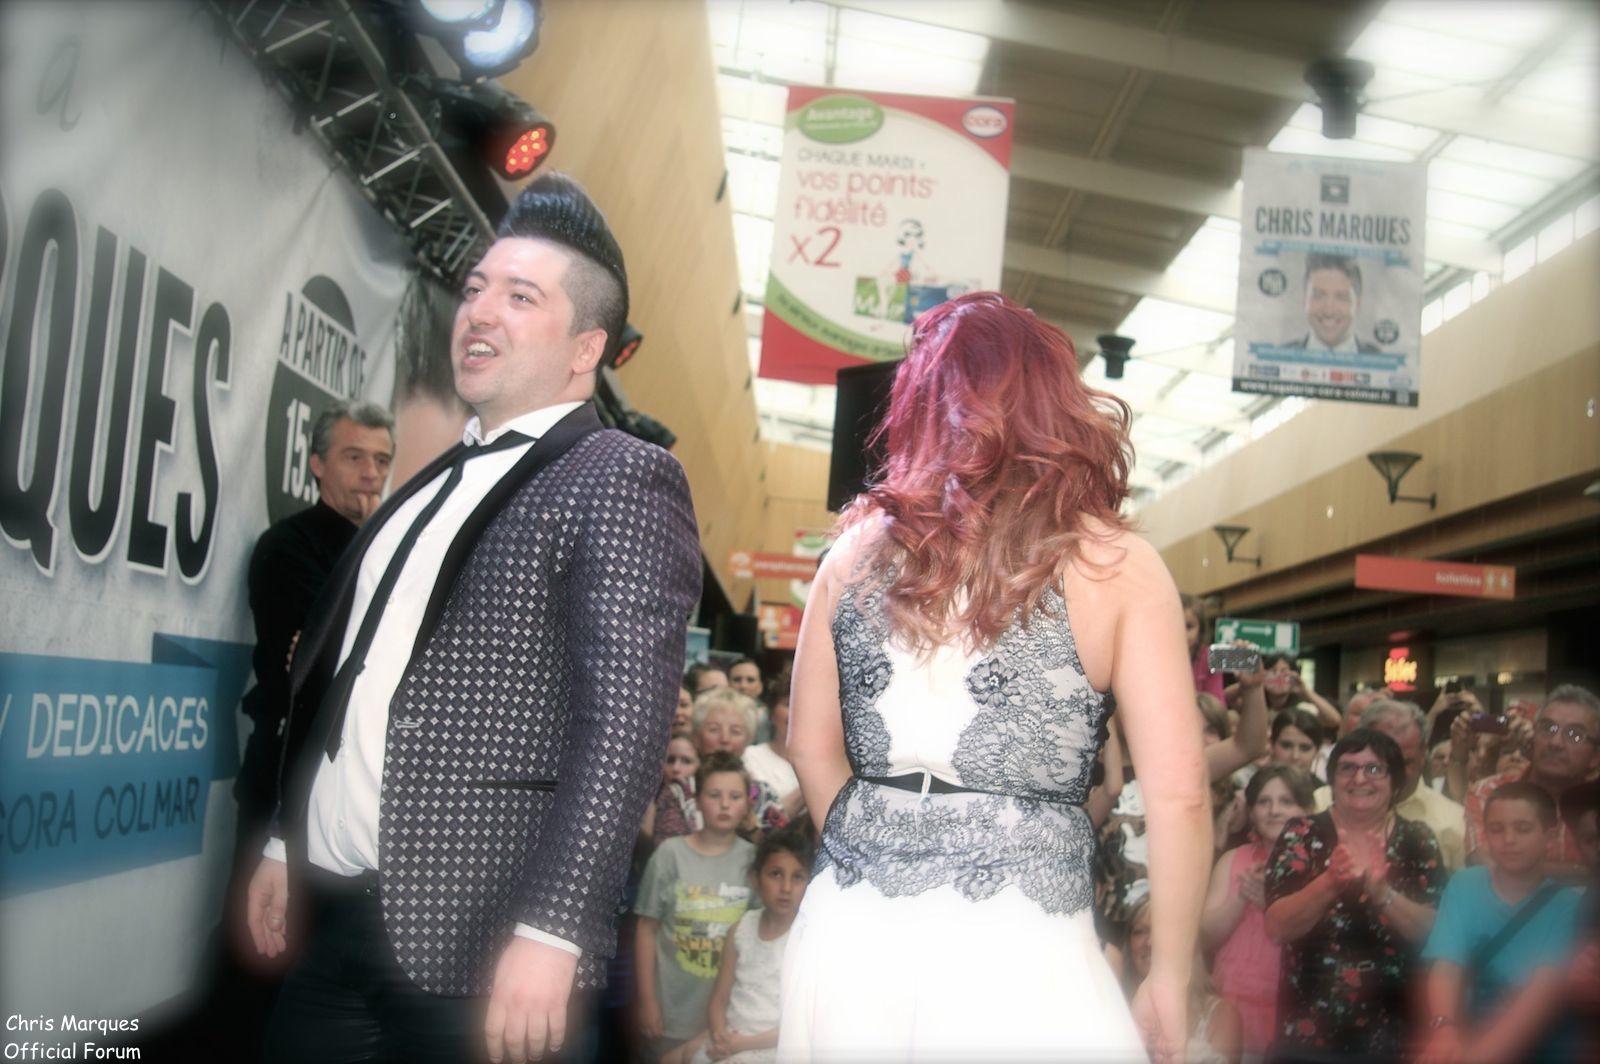 [14.06.2014] Evénement à #Colmar Chris Marques et Jaclyn Spencer pour un Flashmob/Cours de Danse/Dédicaces exceptionnels le tout organisé par la MJC de Colmar 13311